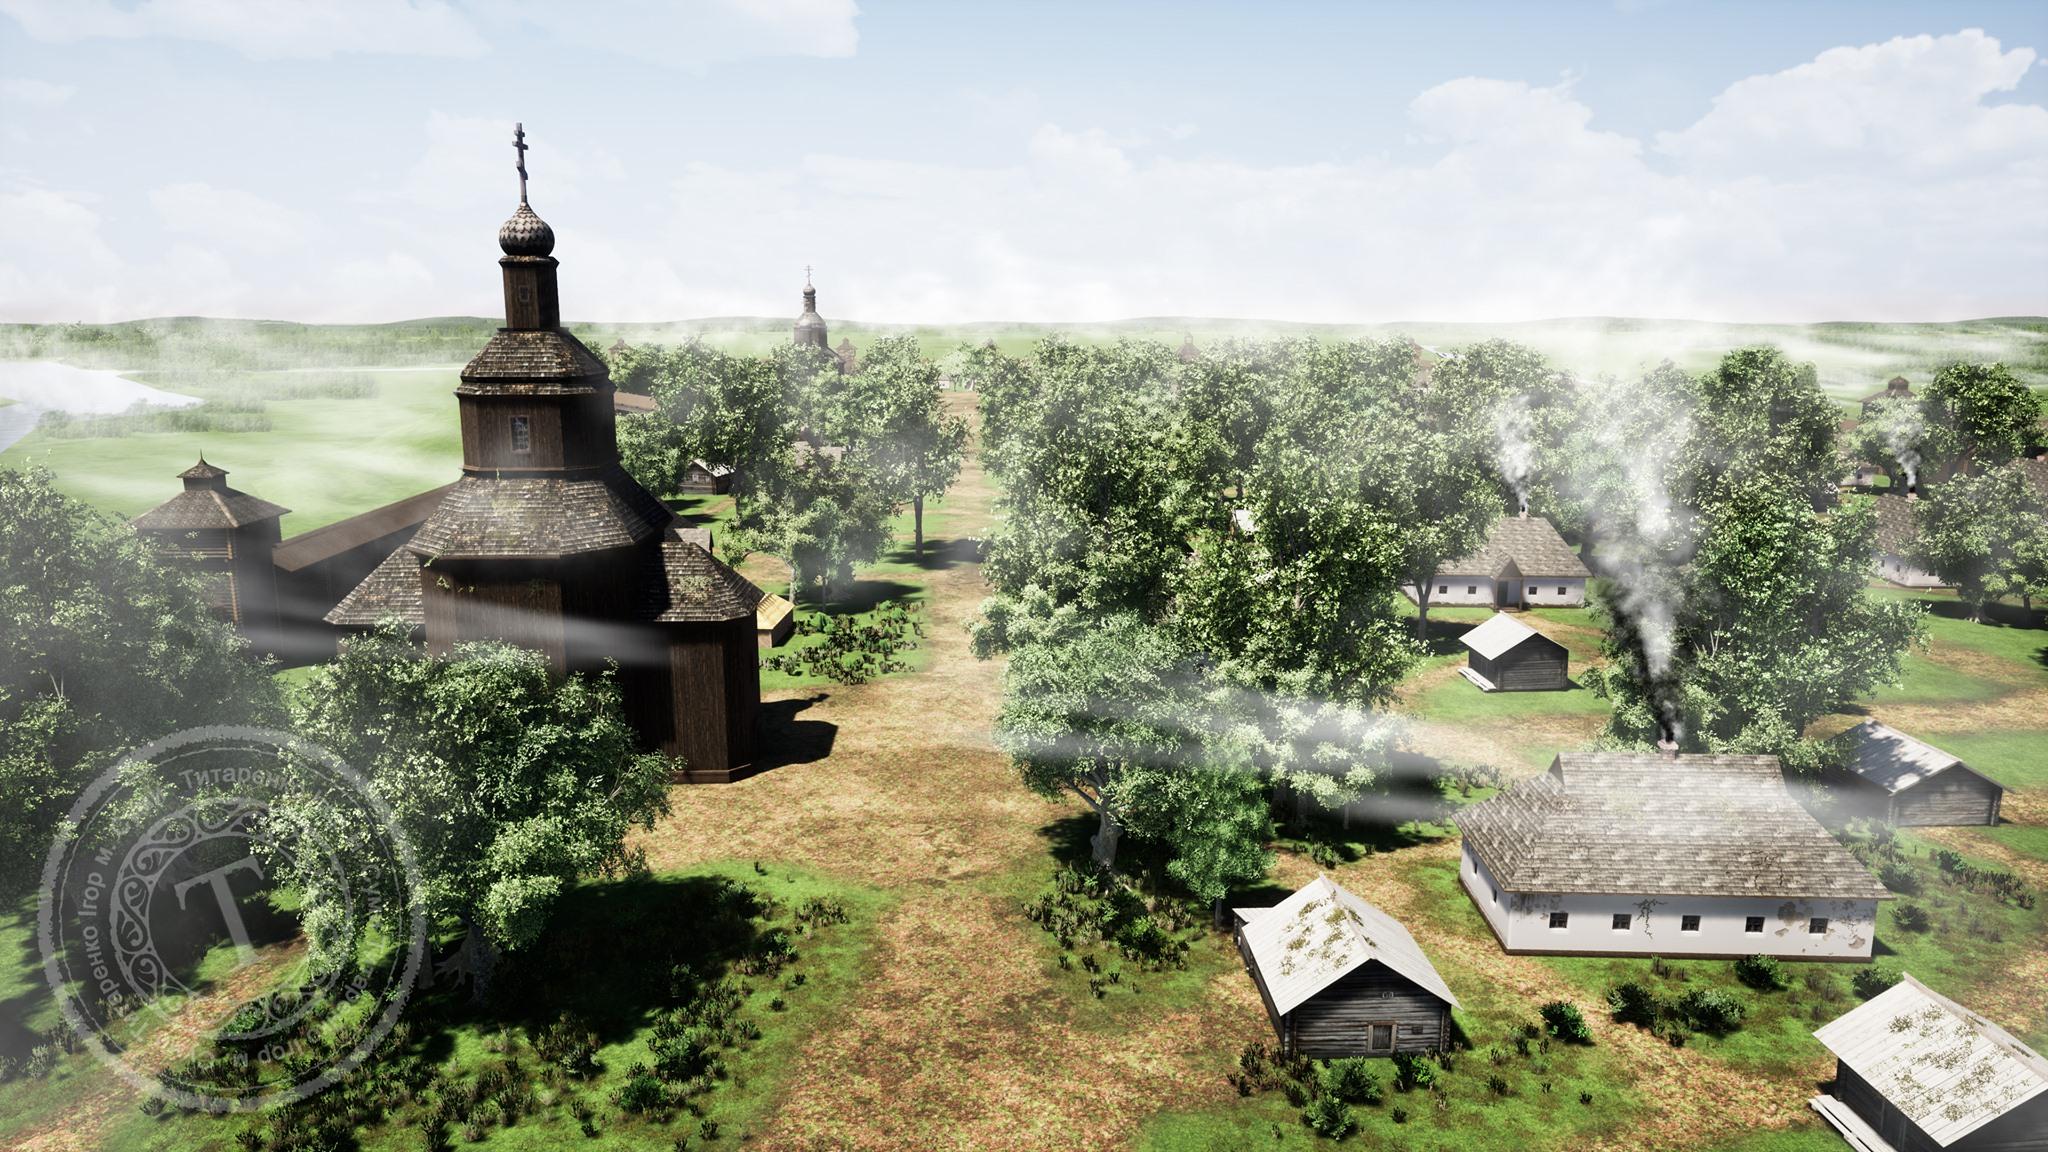 Церква Святителя Миколая. Площа Незалежності. Фото: Ігор Титаренко